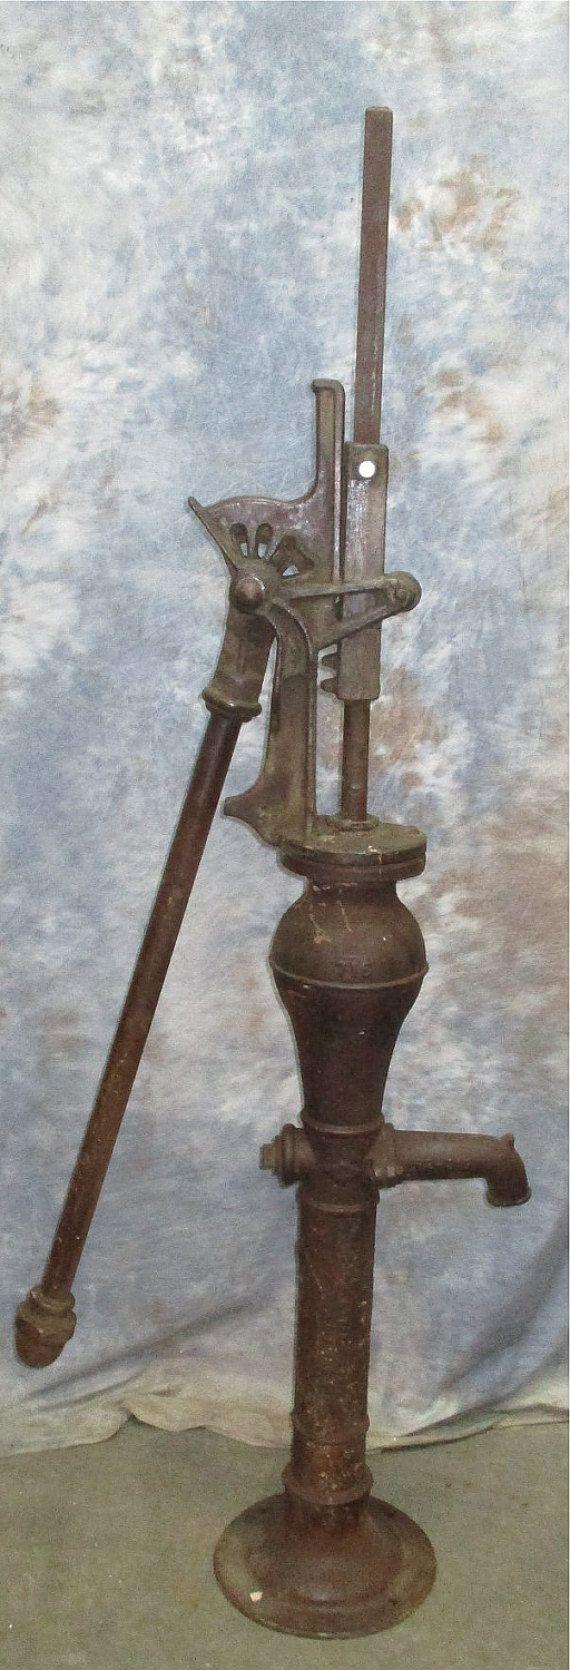 Well Water Pump Cast Iron Cistern Pitcher Windmill Garden Farm $399.00